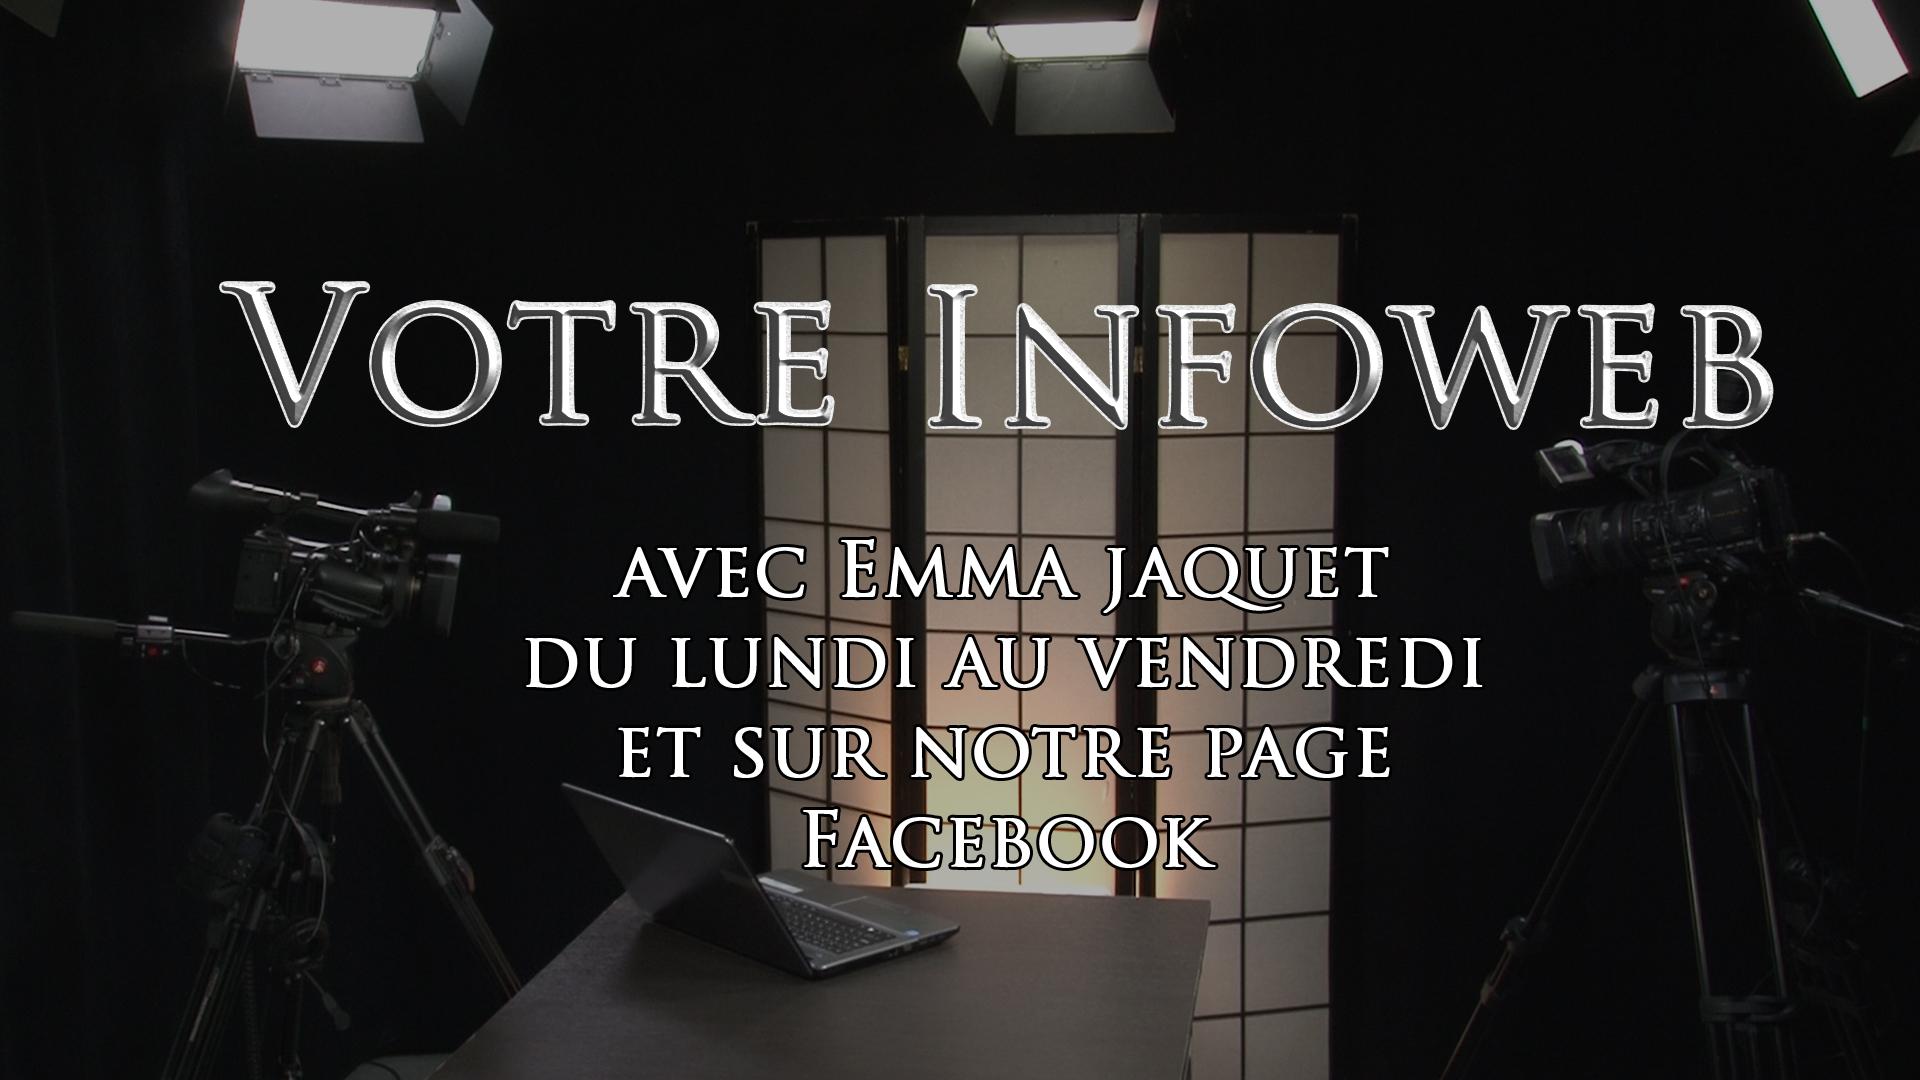 Votre Infoweb du vendredi 19 juillet 2019 avec Emma Jaquet